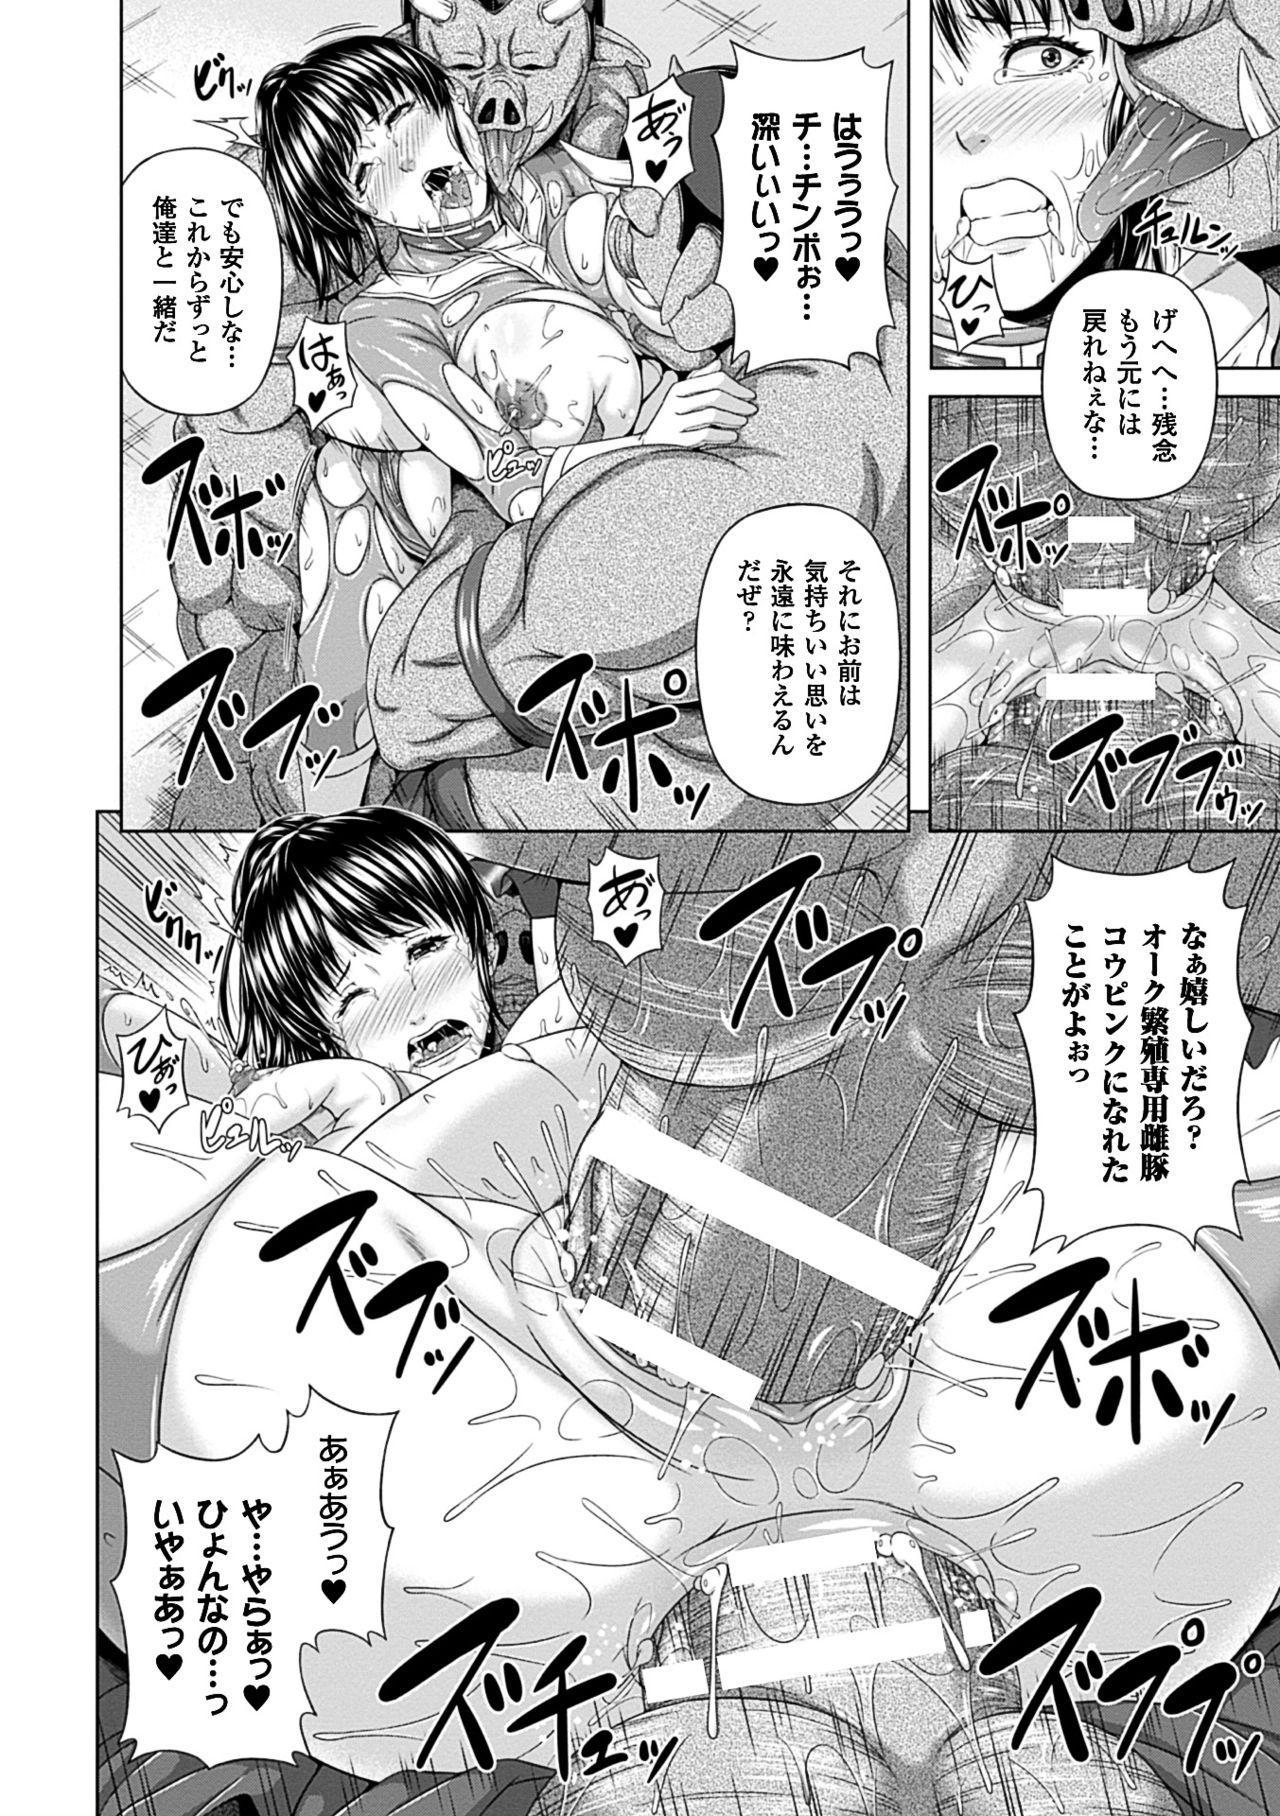 Mesu Hana ga Ochiru Toki - Maidenly Bloom Fallen 69